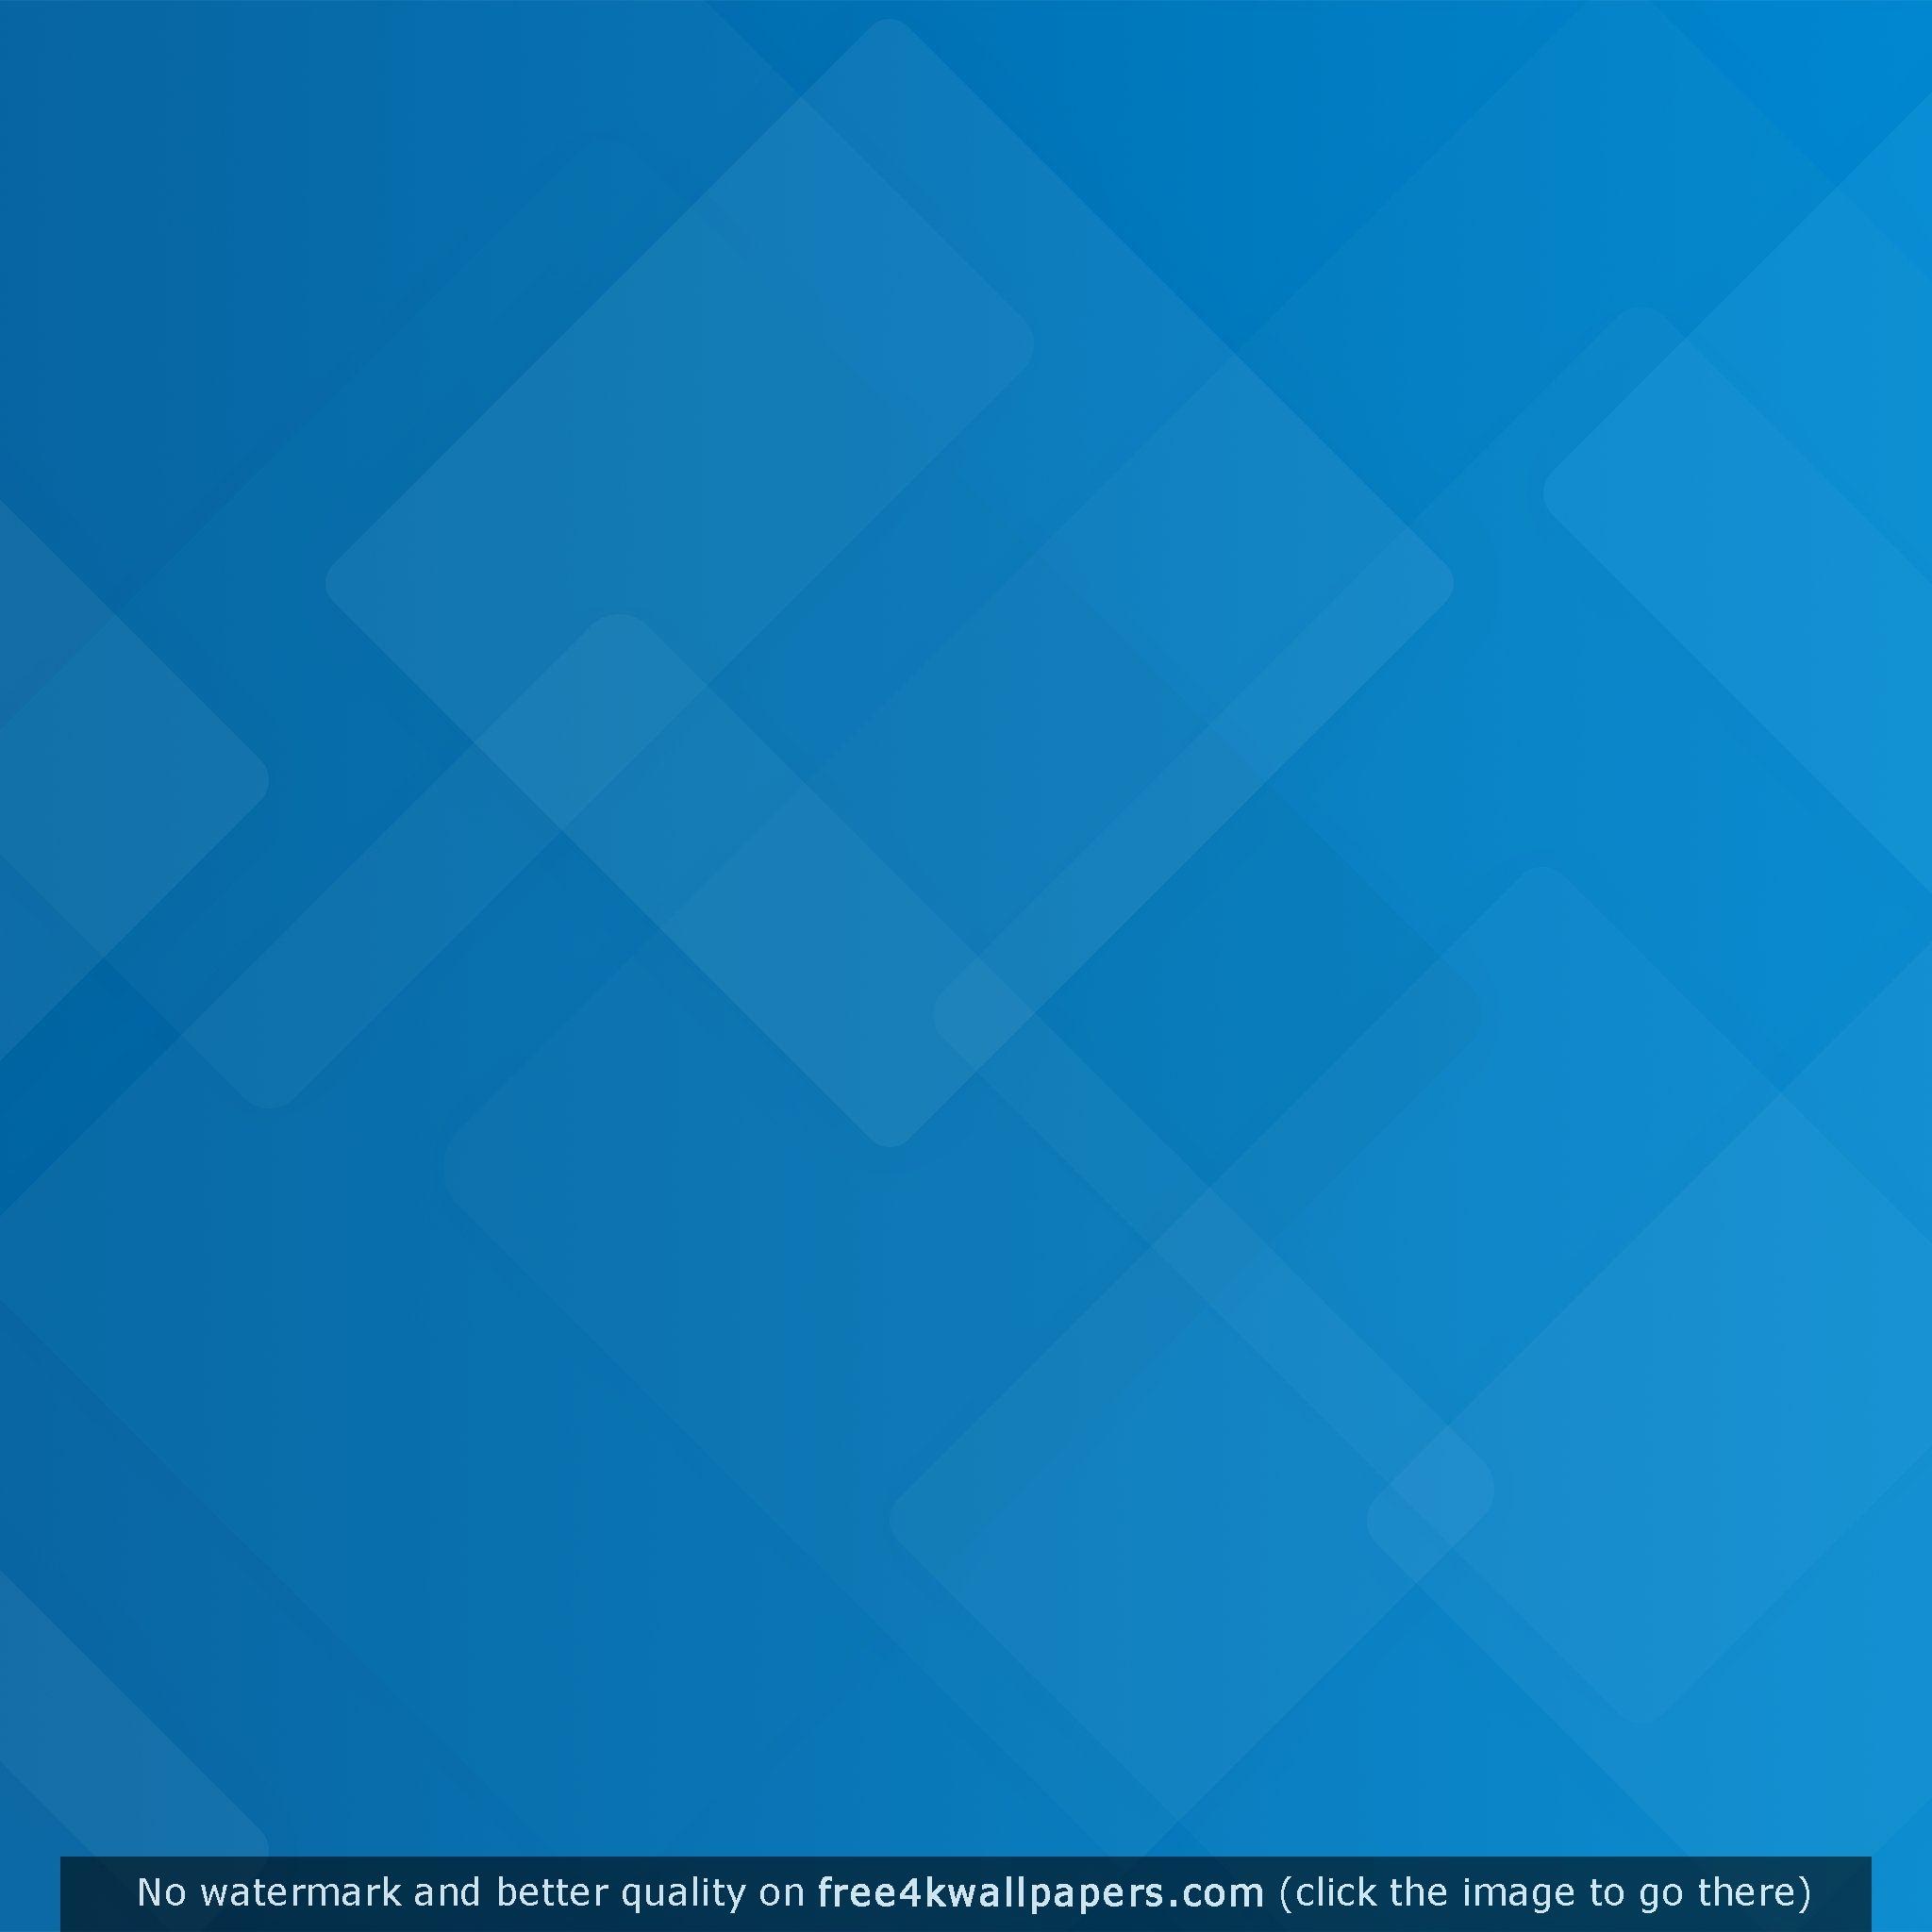 Dell 4K Wallpaper